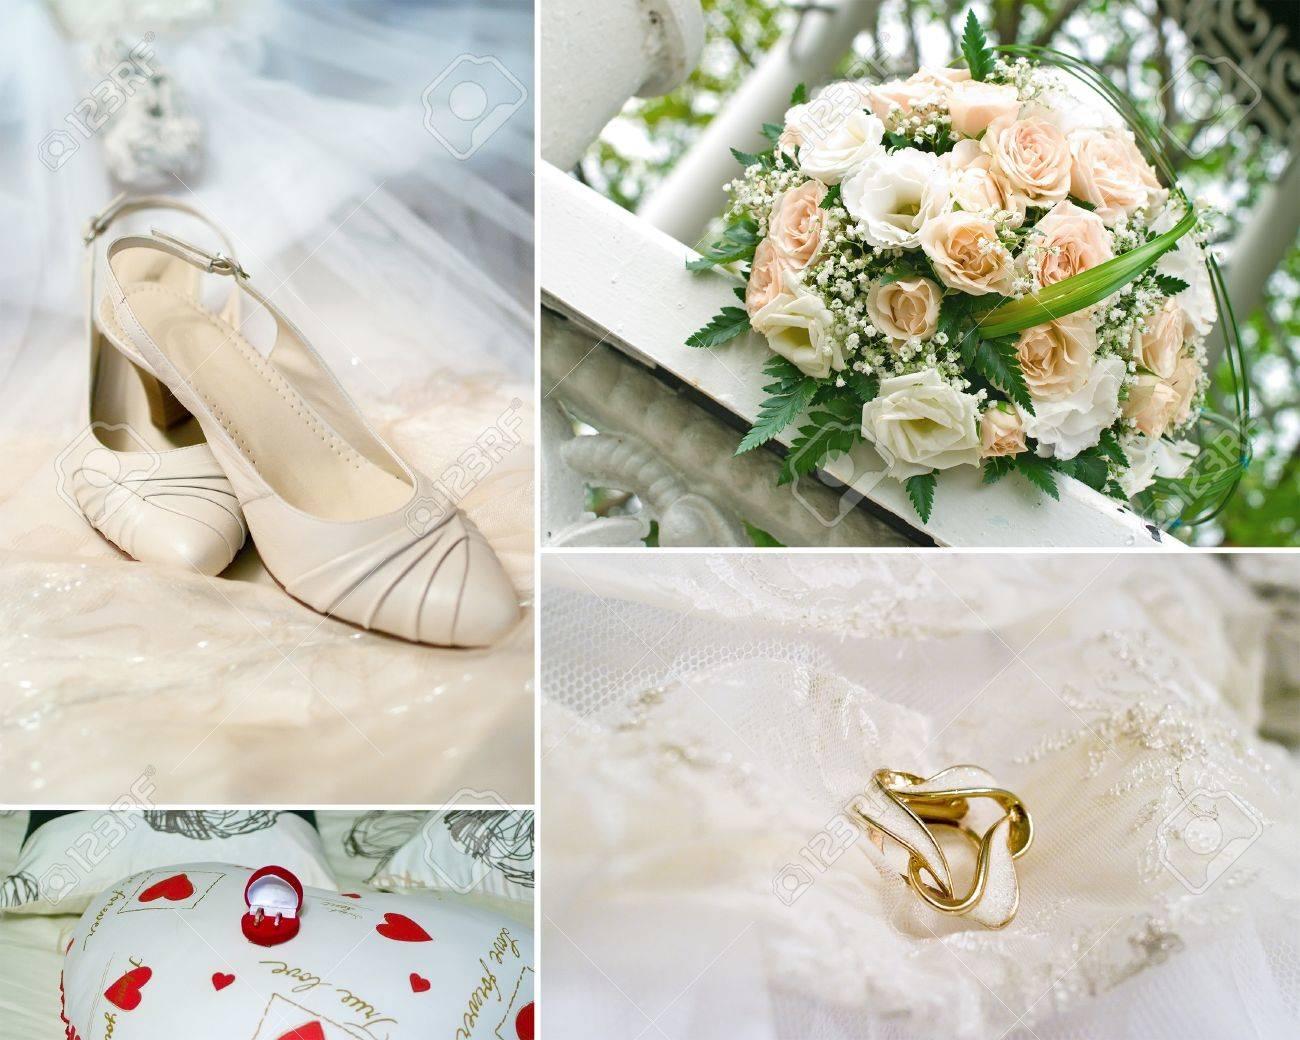 Hochzeit Collage Bridal Schuhe Hochzeitsstrauss Ringe Und Beige